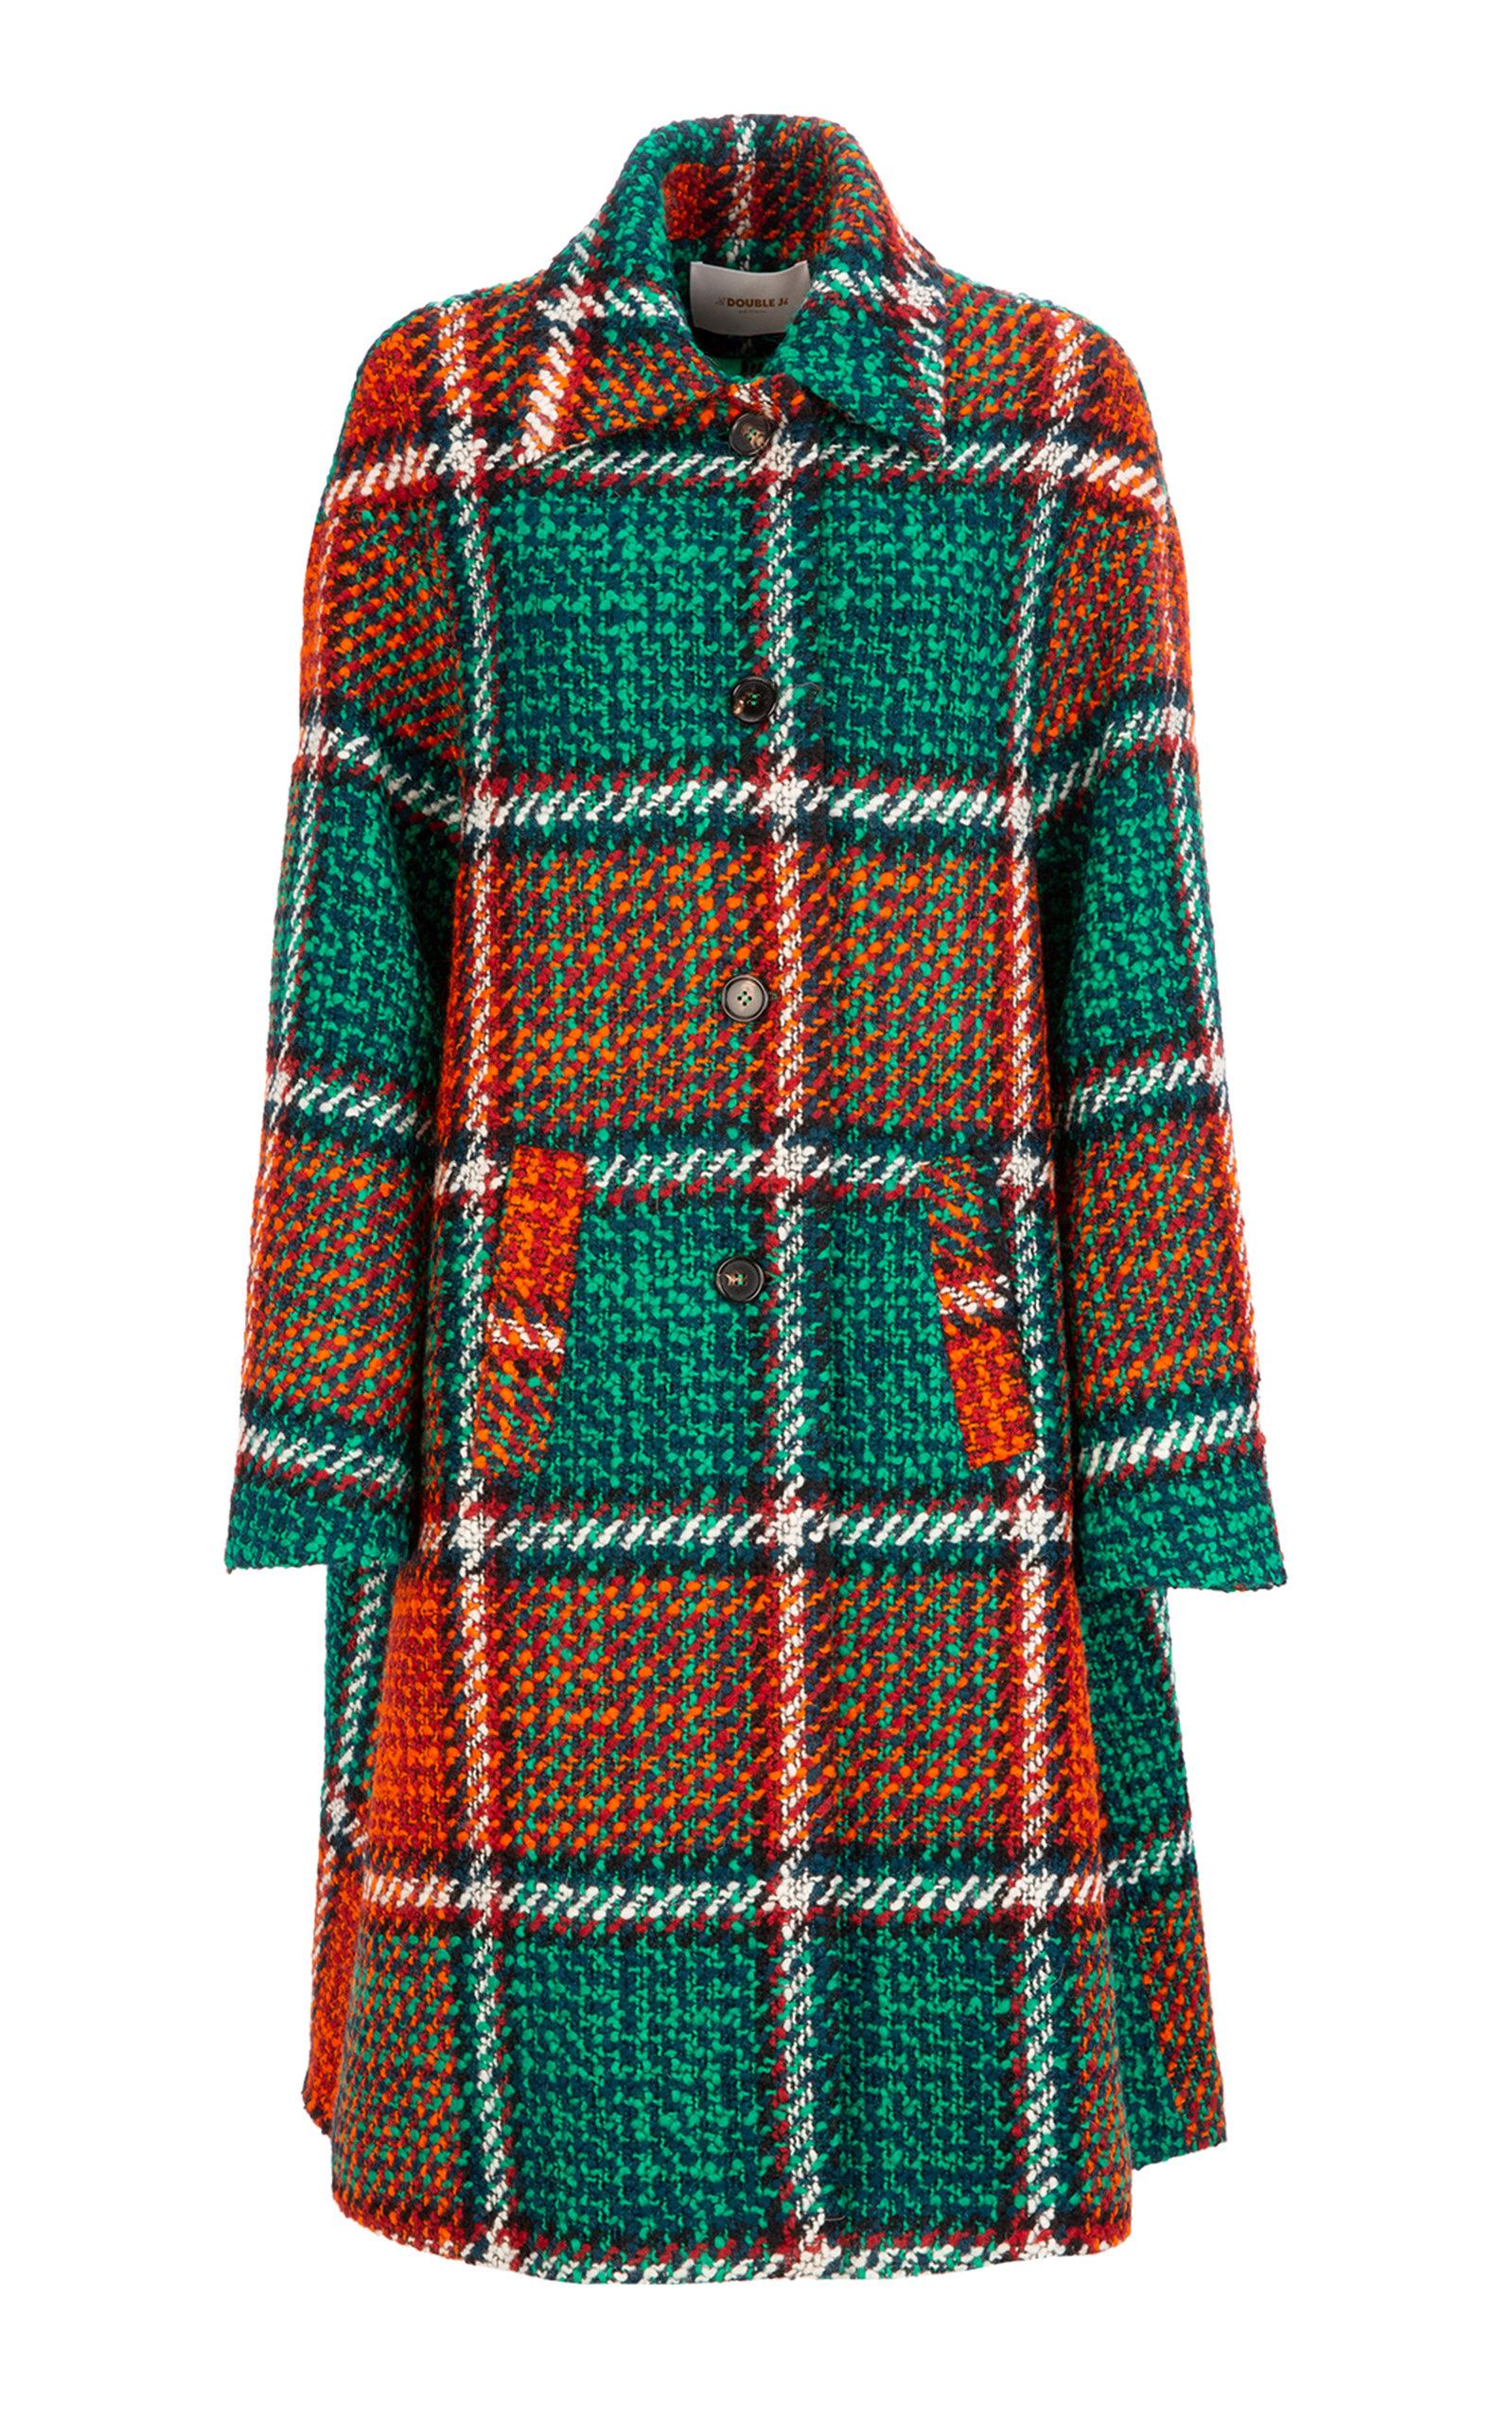 La Doublej Coats OVERSIZED BOXY COCOON CHECKERED COAT